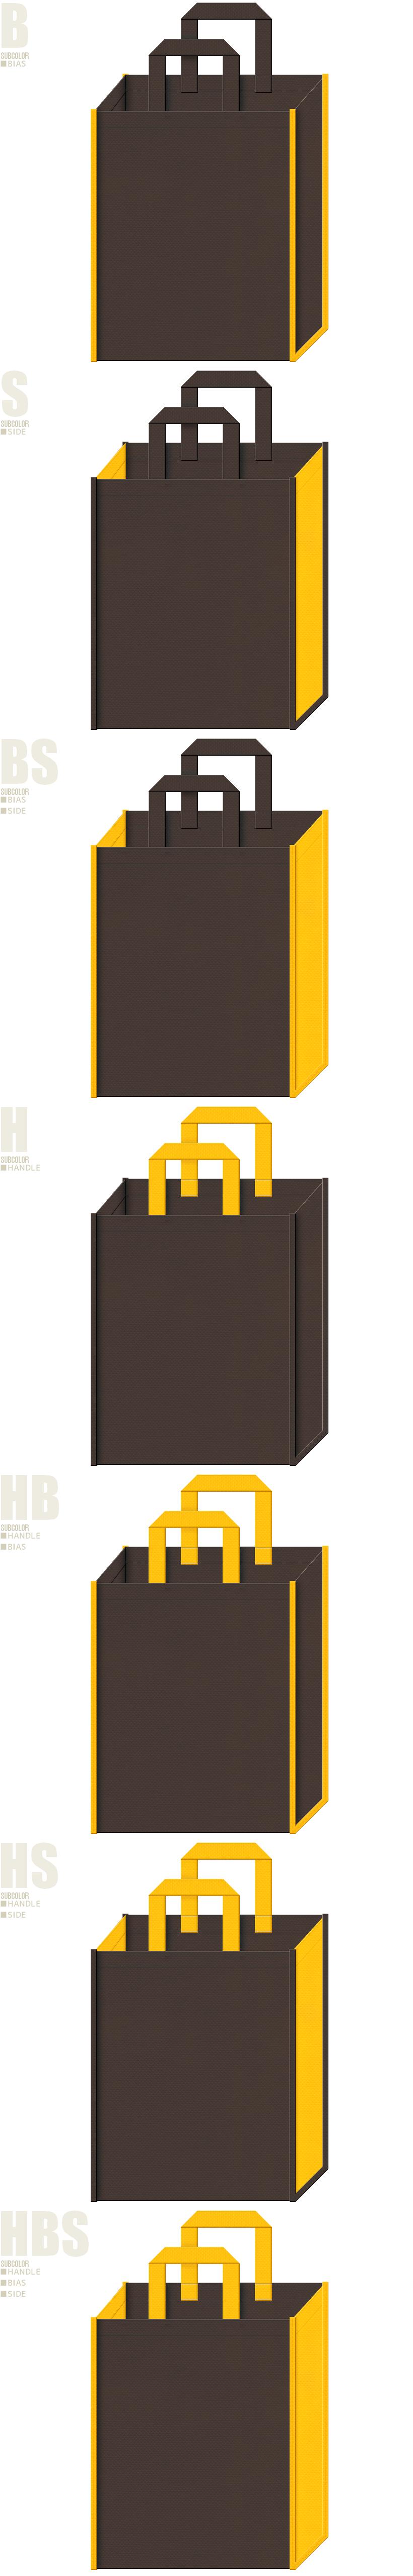 はちみつ・カステラ・マロンケーキ・キャンプ・アウトドア用品の展示会用バッグにお奨めの不織布バッグデザイン:こげ茶色と黄色の不織布バッグ配色7パターン。